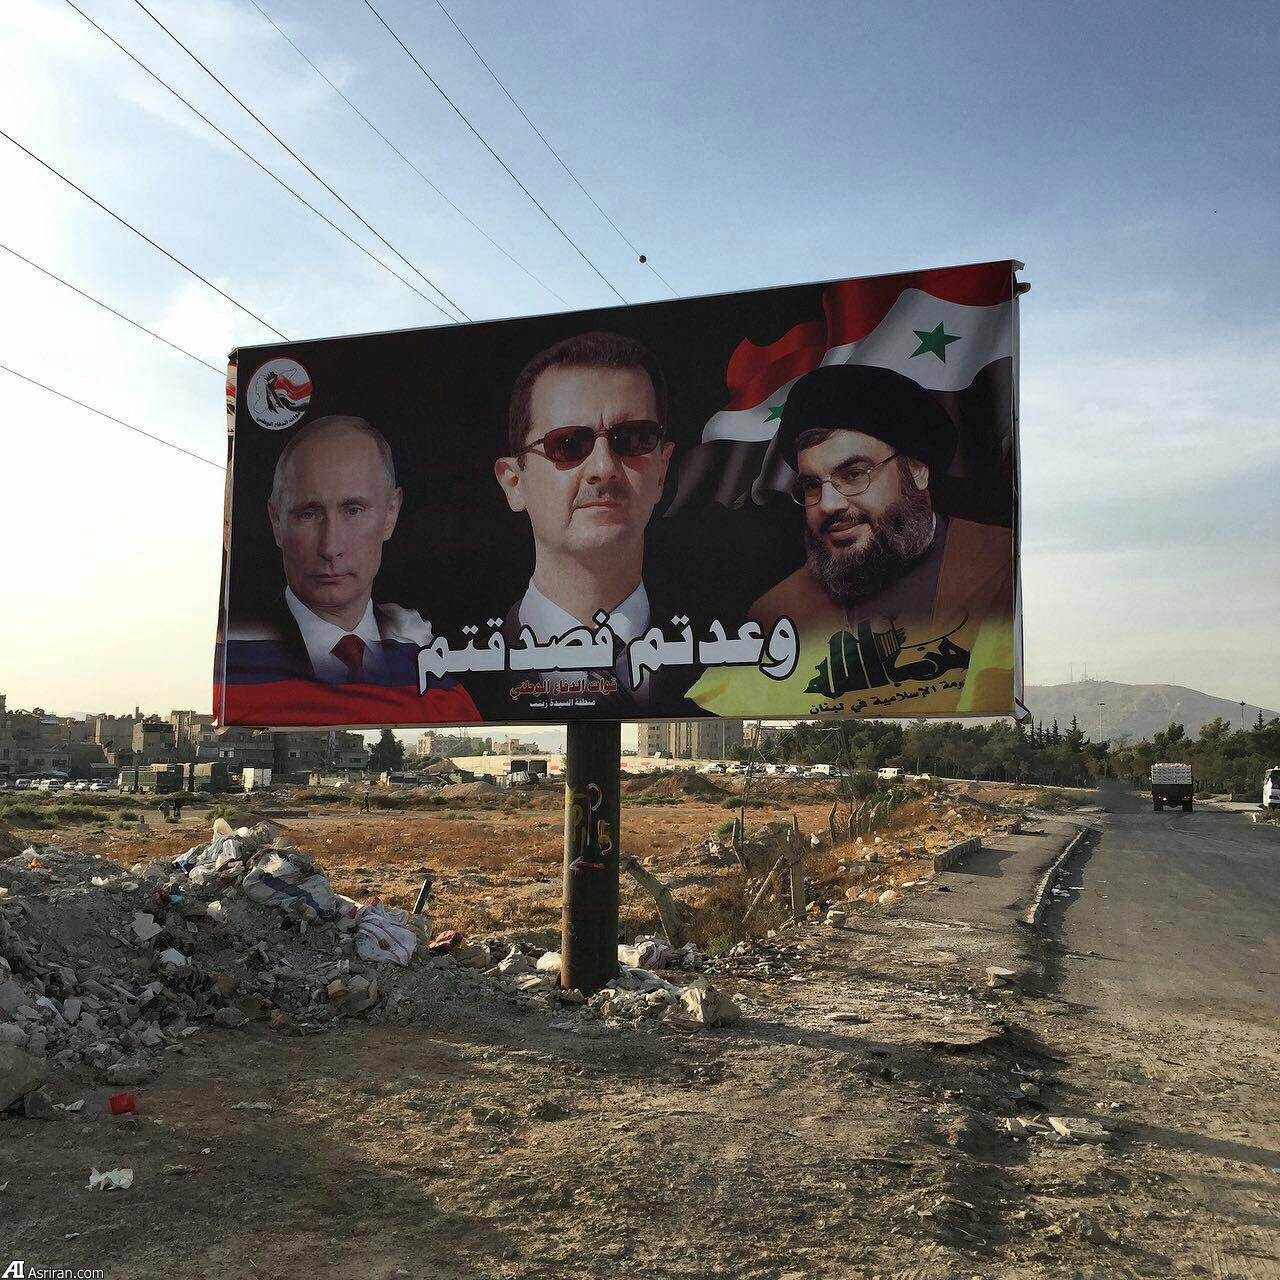 بلیبورد پوتین و اسد و نصرالله در سوریه + عکس